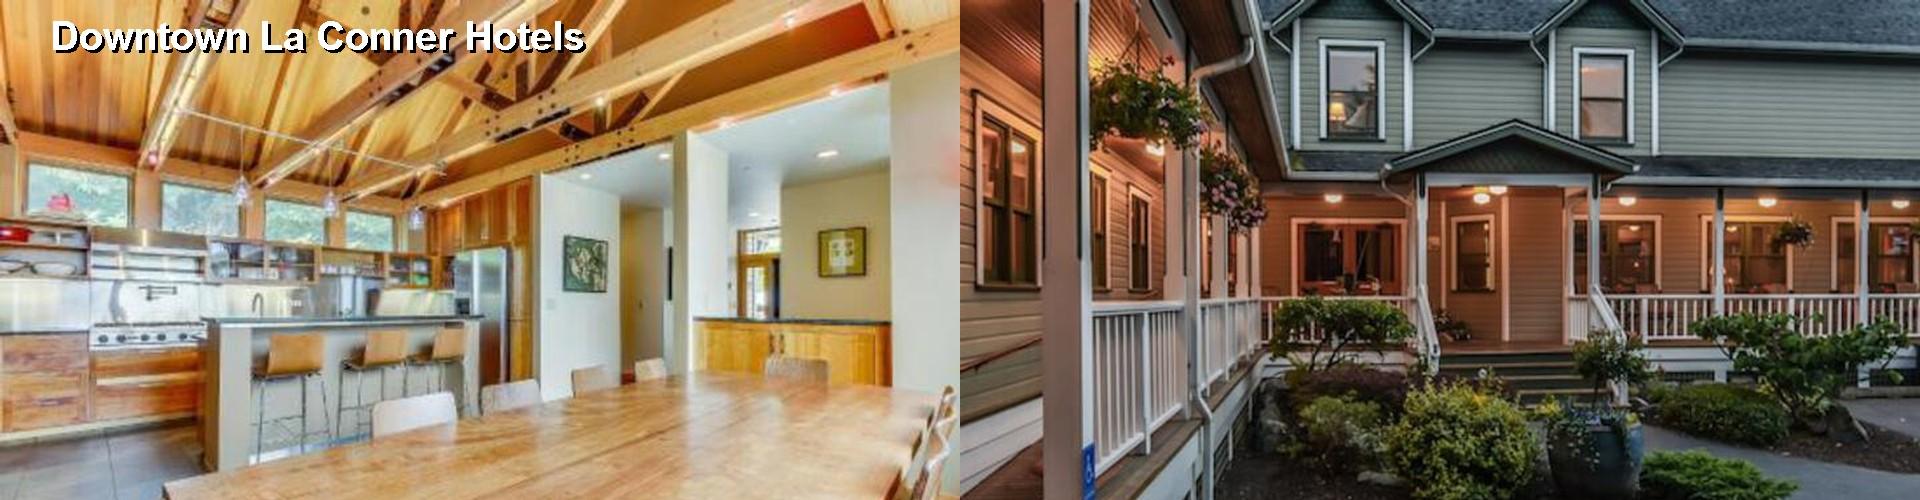 5 Best Hotels Near Downtown La Conner